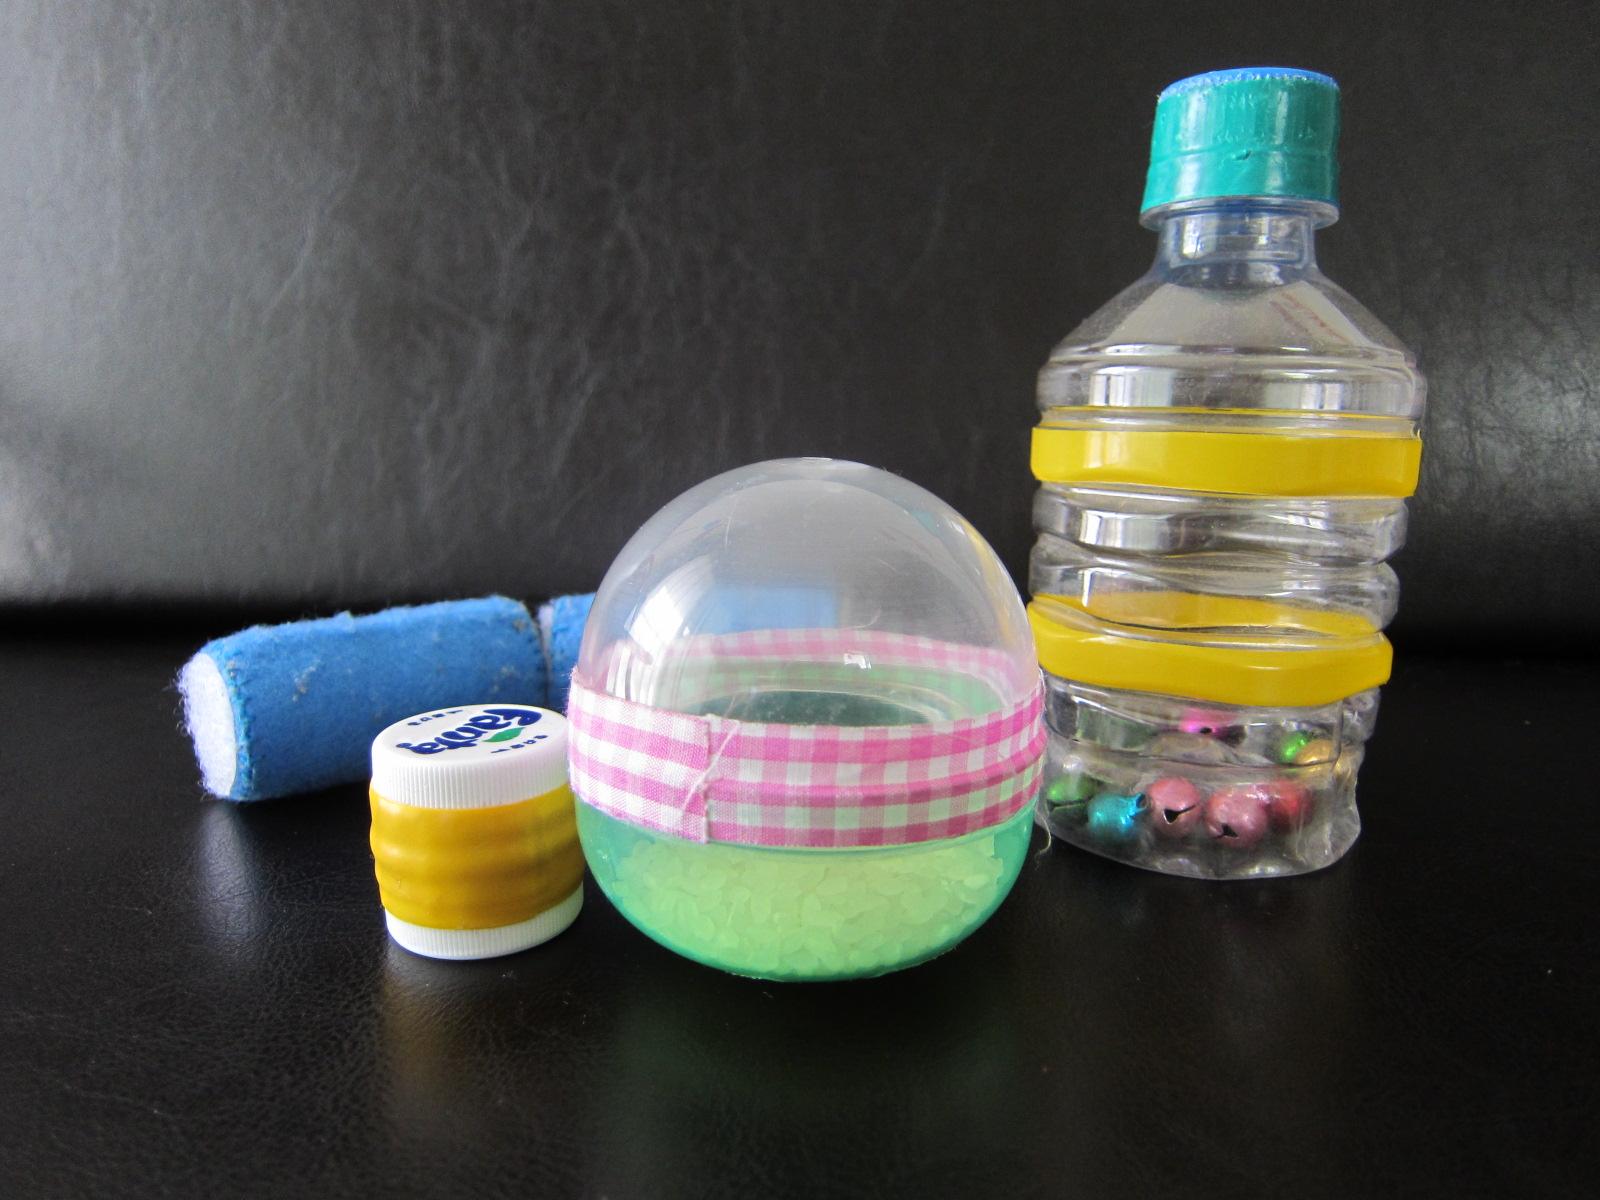 ... おもちゃ | 子育て世代の : 幼児手作りおもちゃペットボトル : 幼児